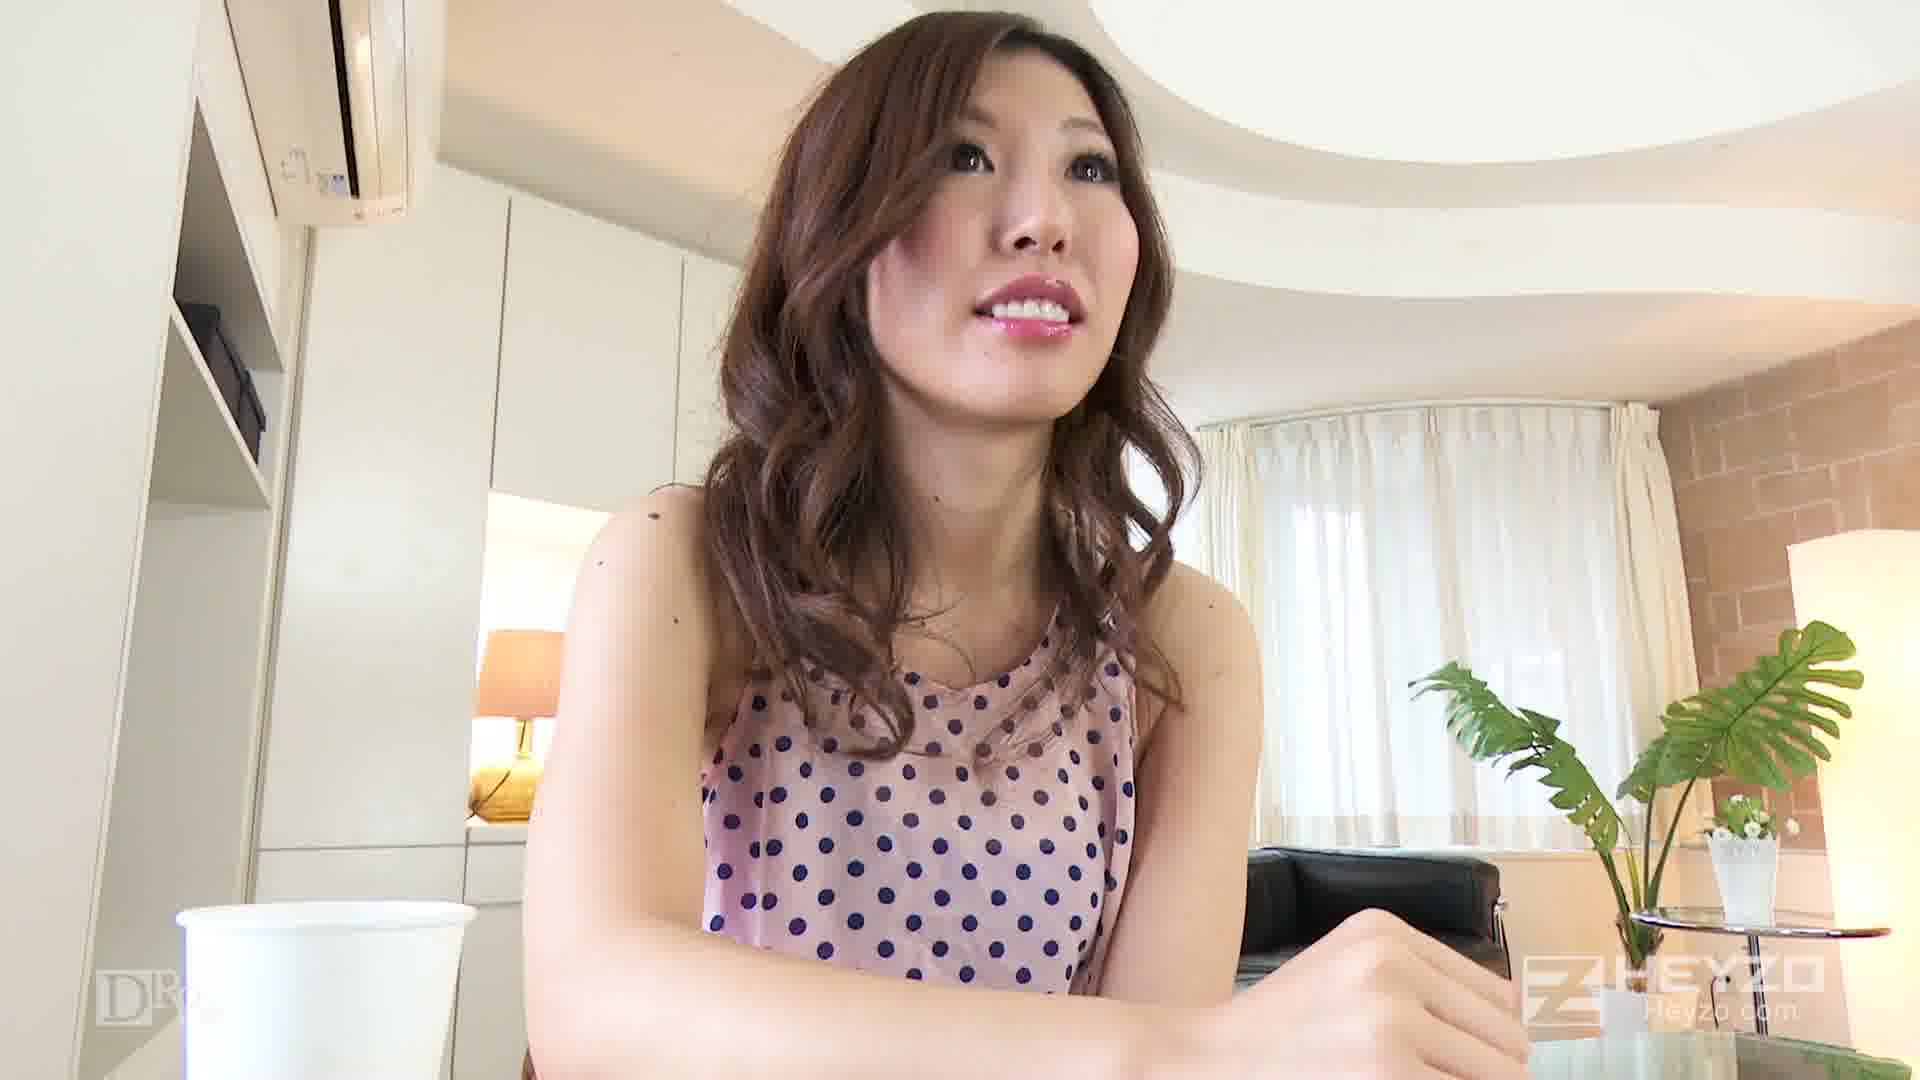 中出し魂~ゴムはこっそり外します~Vol.4 - 三浦凛【アンケート インタビュ】